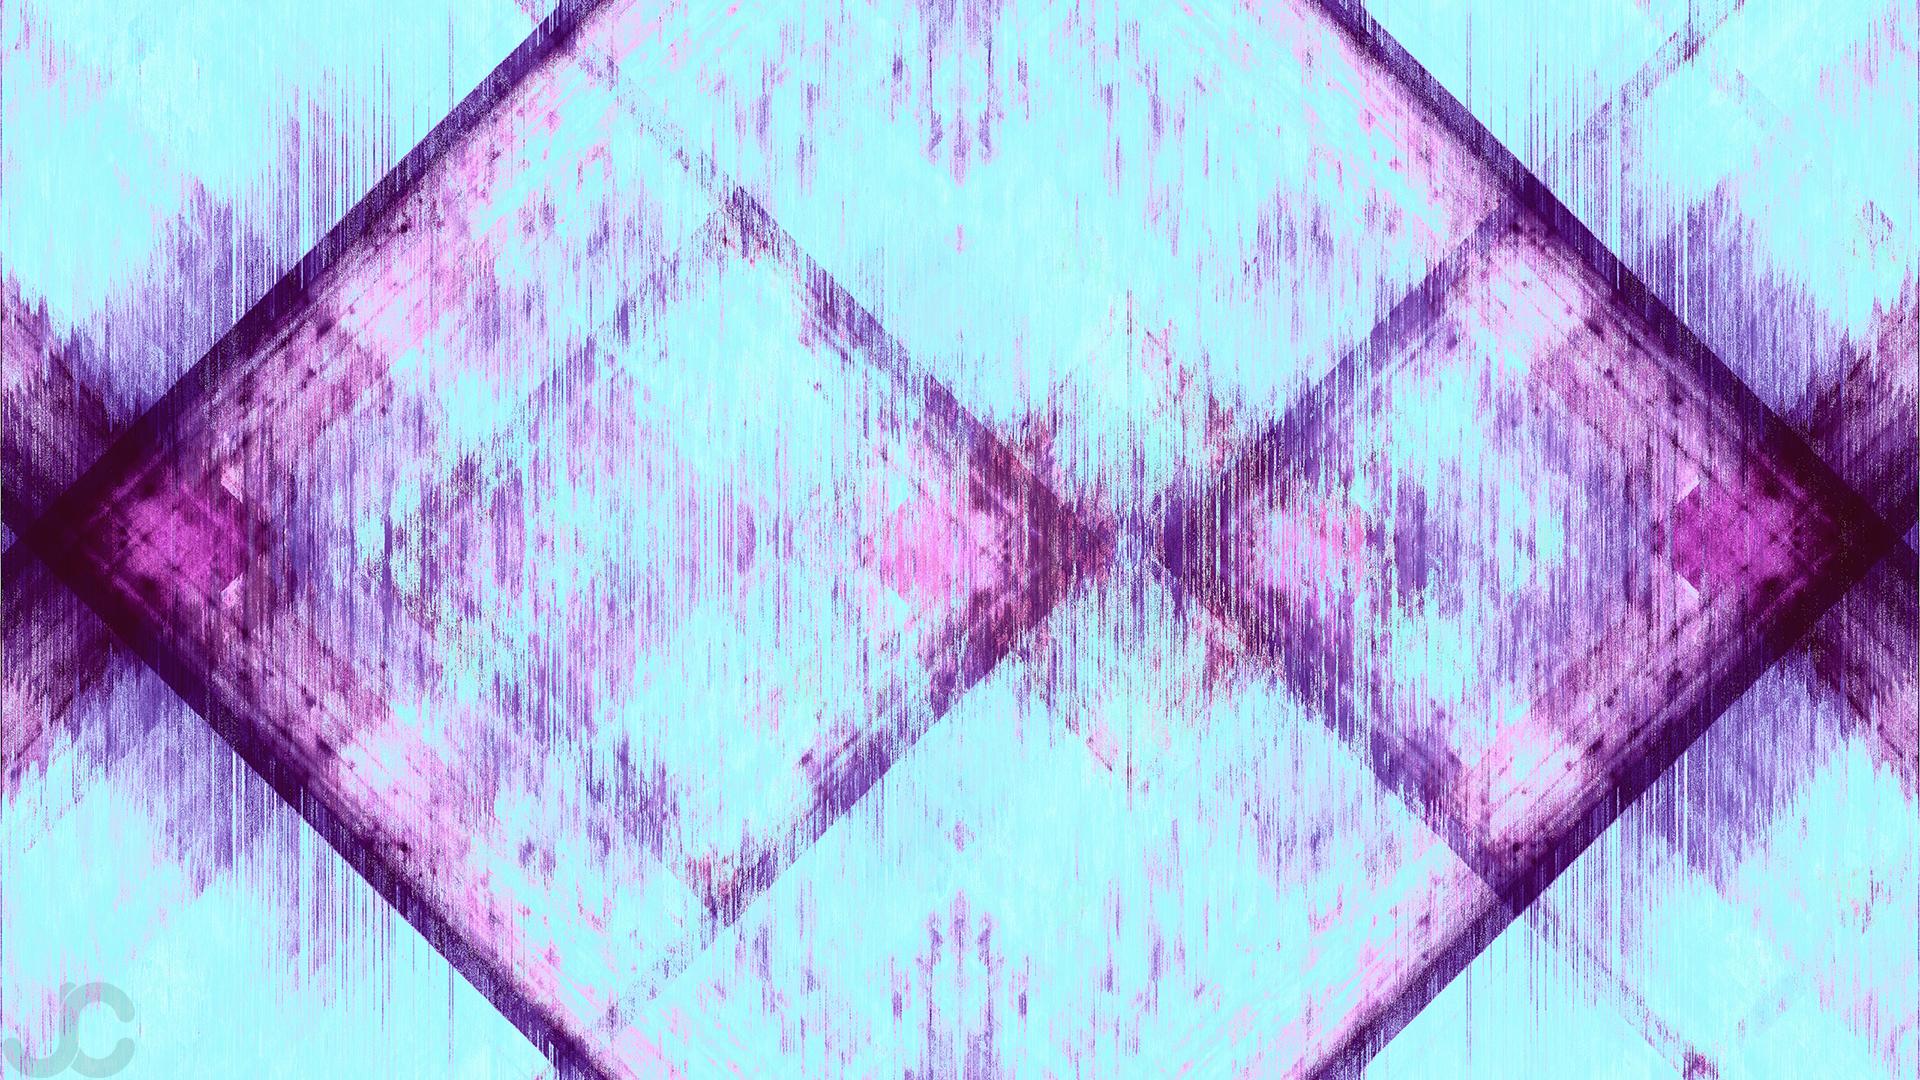 Prism1.jpg